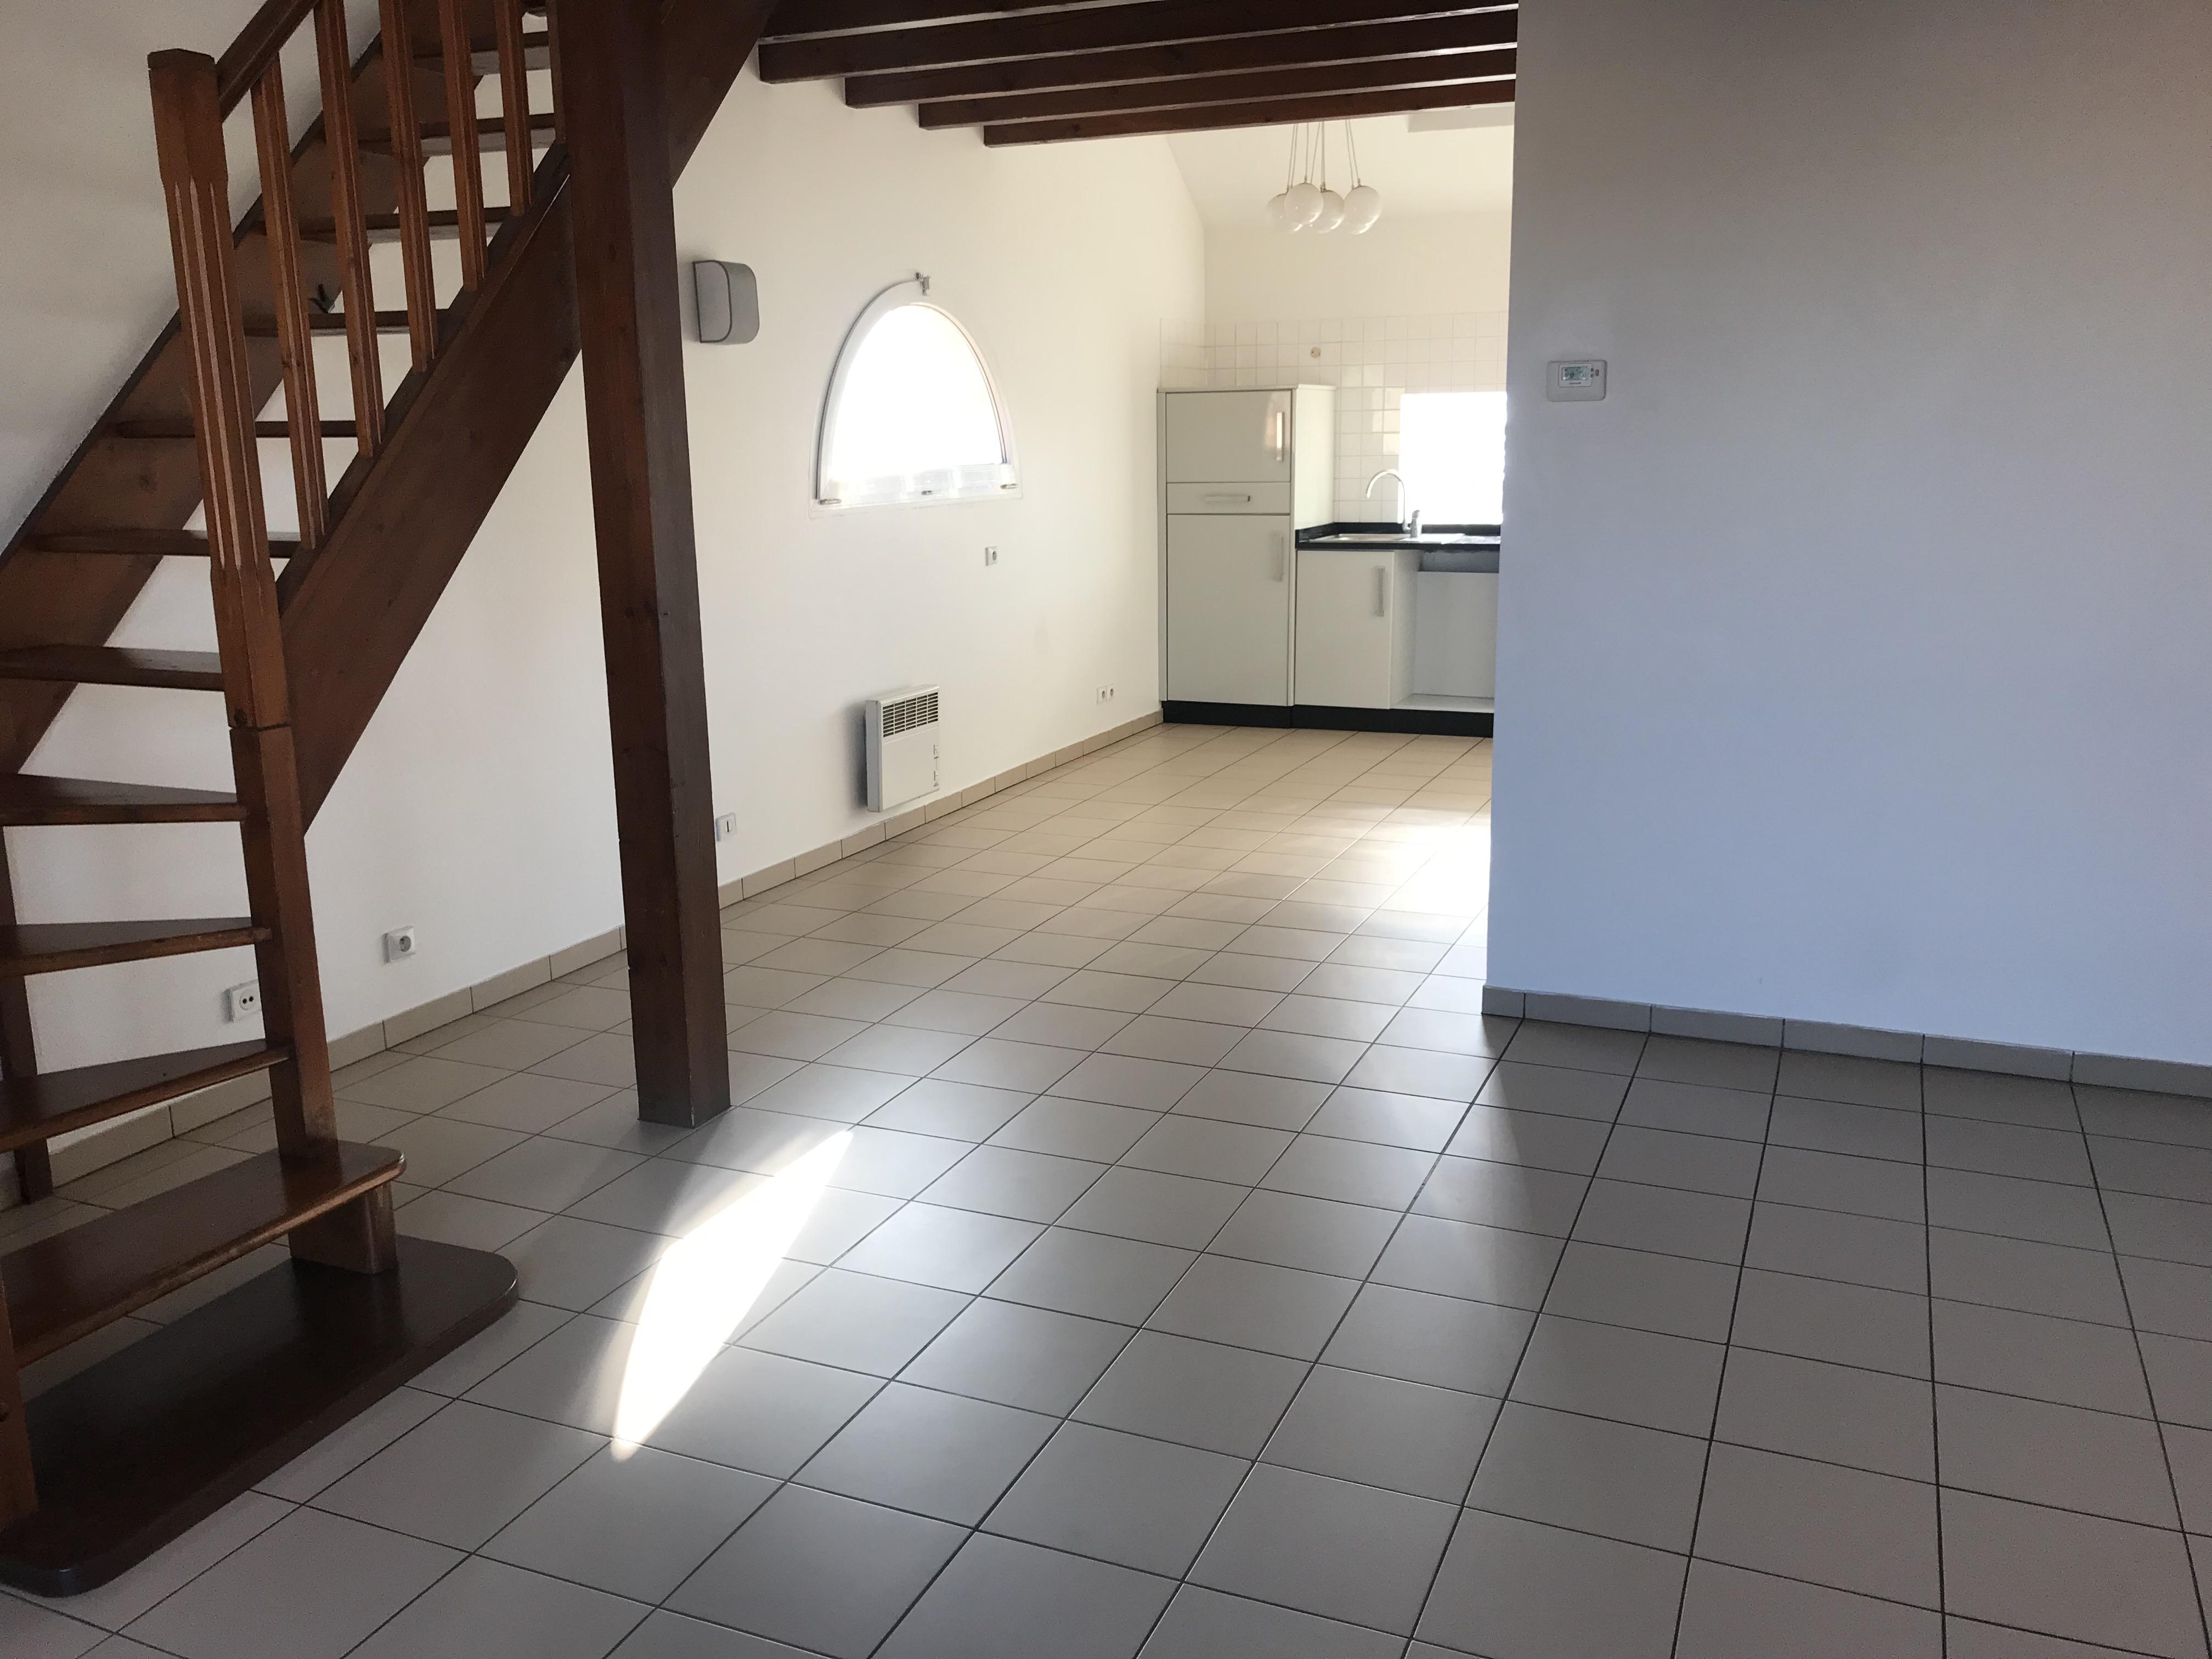 Appartement 2 pièces en duplex à Voisins le Bretonneux